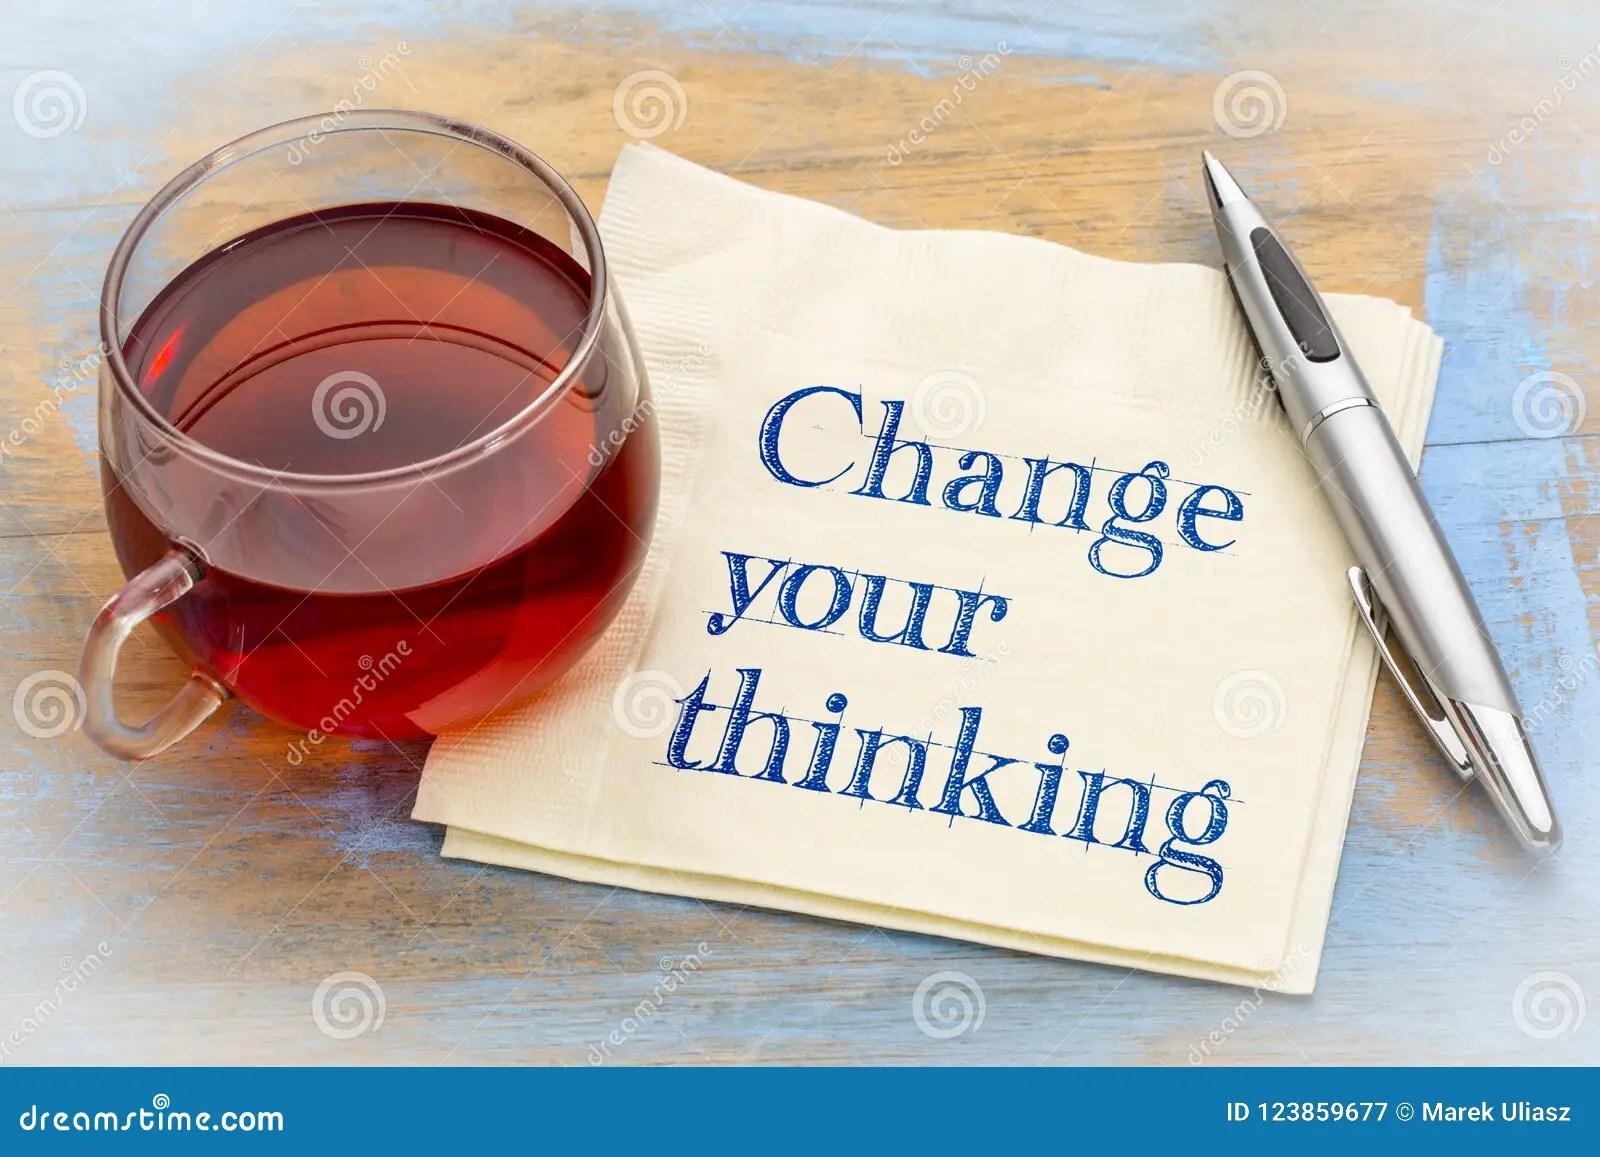 Change Your Thinking Advice Stock Image